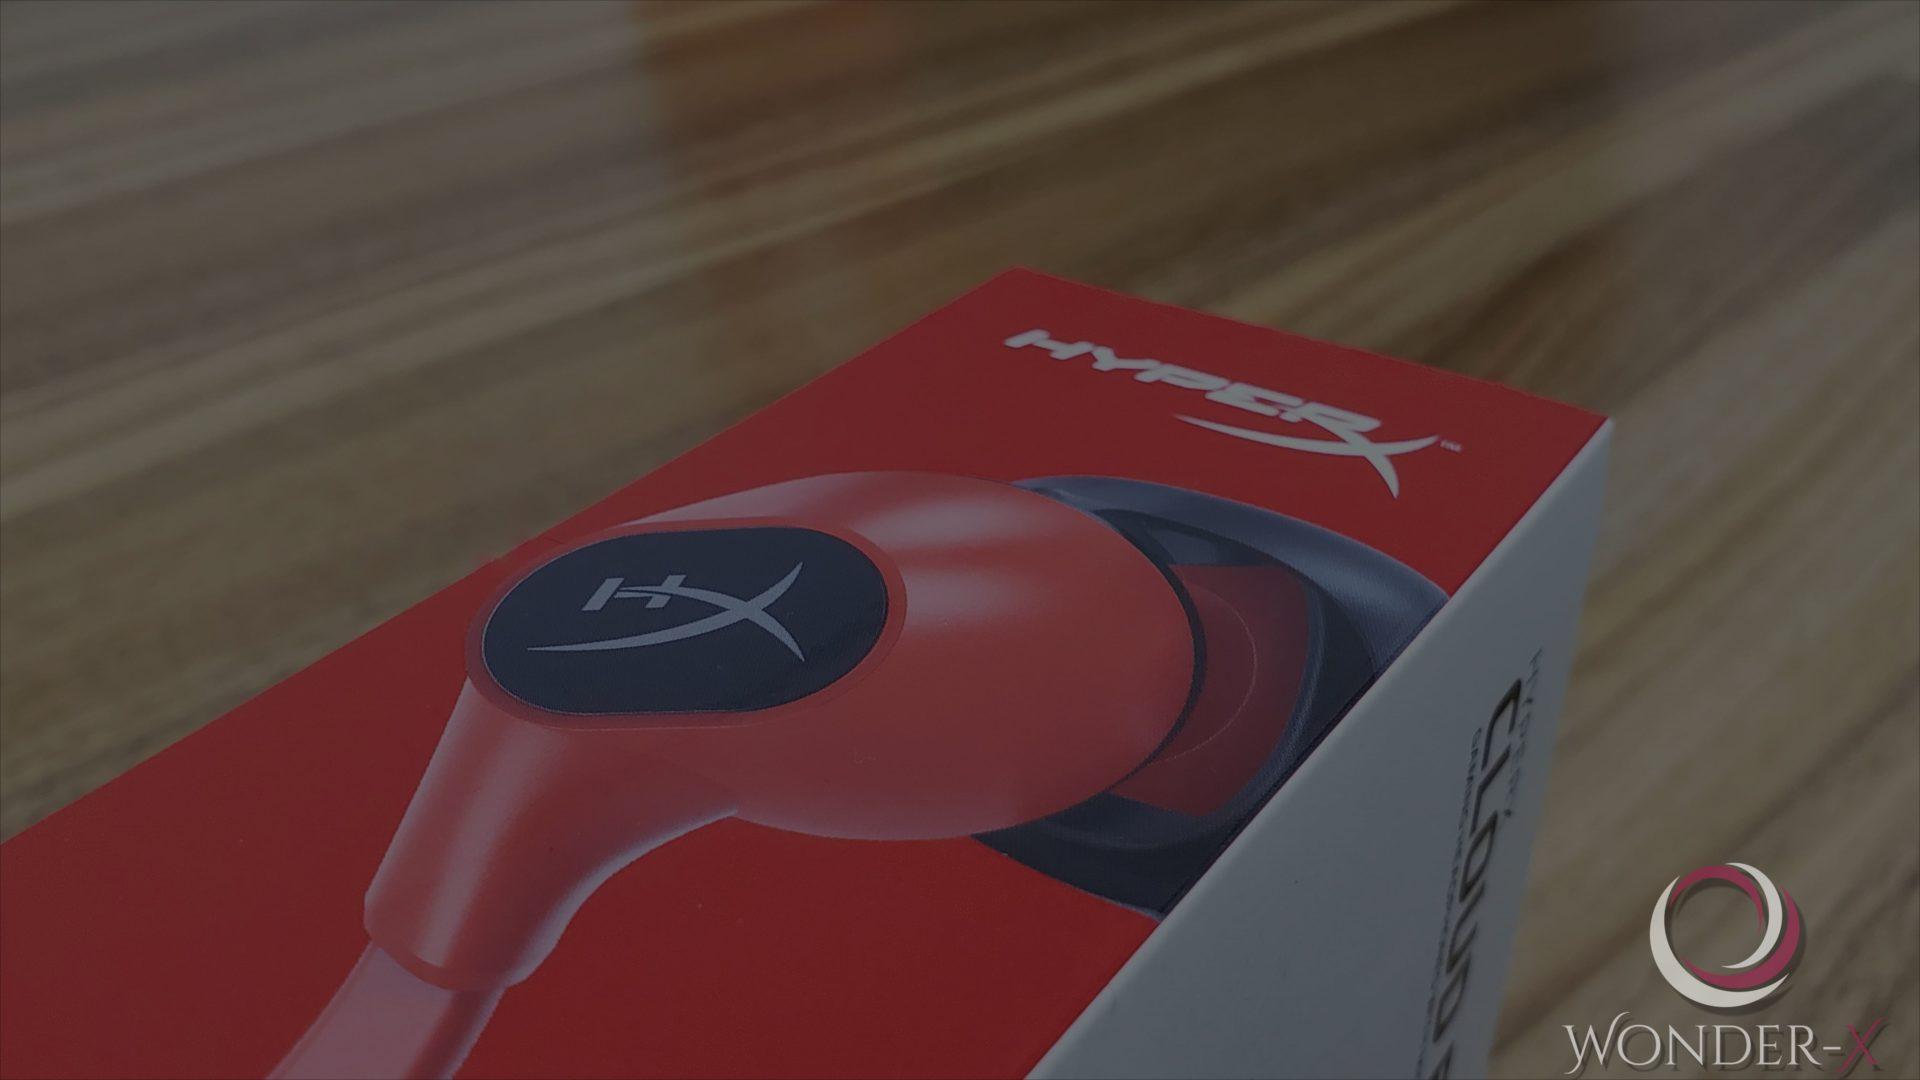 「HyperX Cloud Earbuds」レビュー - FPSゲームで使える?ヘッドホンと比較してどう?